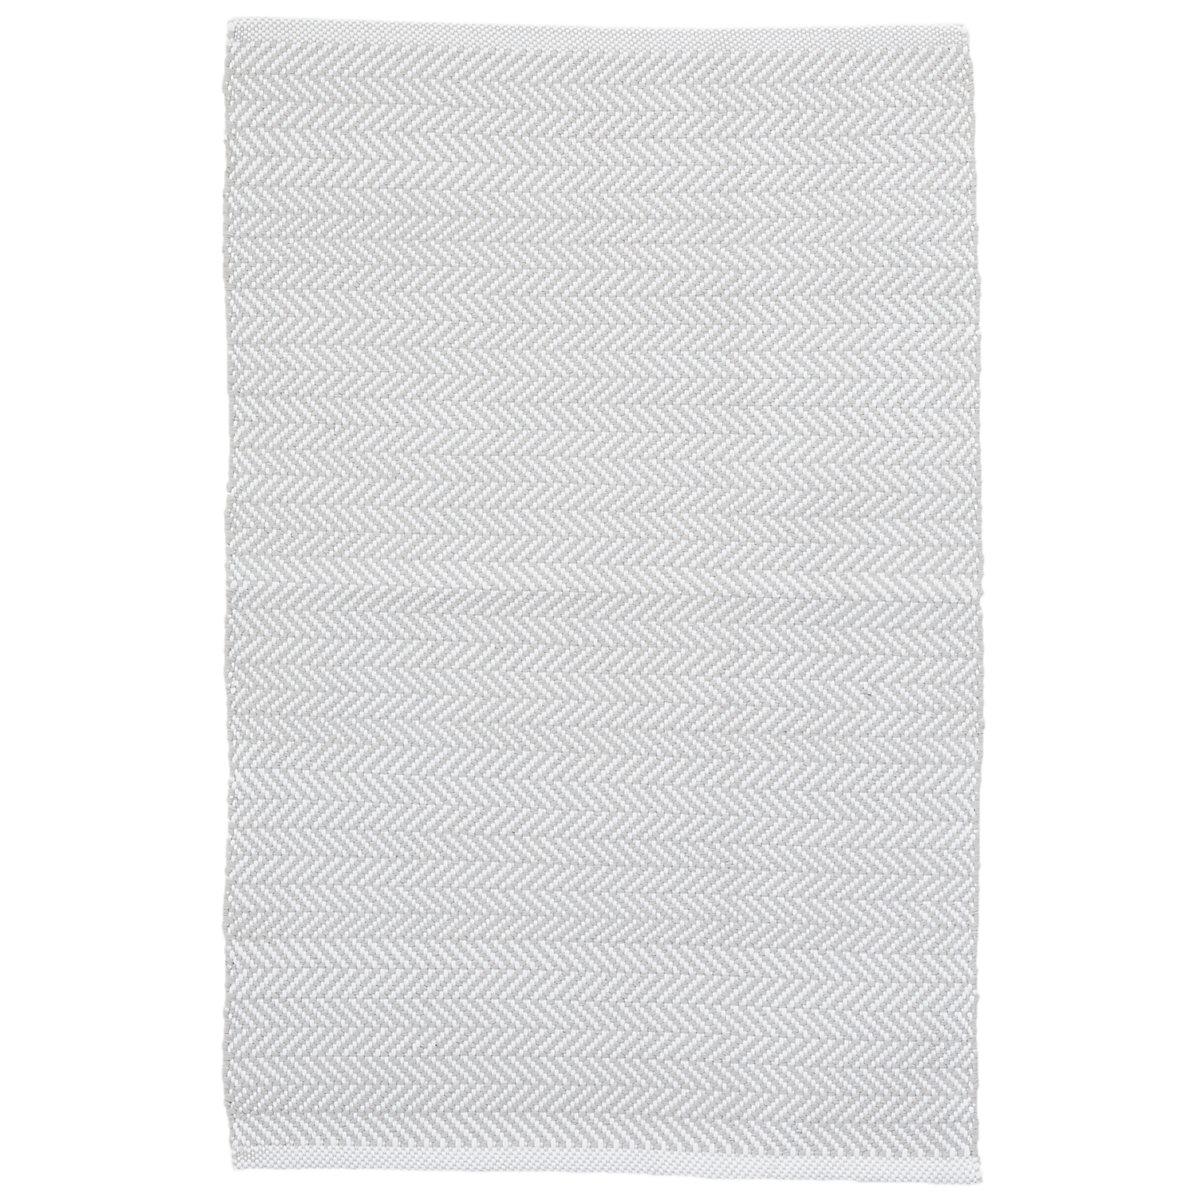 C3 Herringbone Pearl Grey Indoor/Outdoor Rug | Dash & Albert